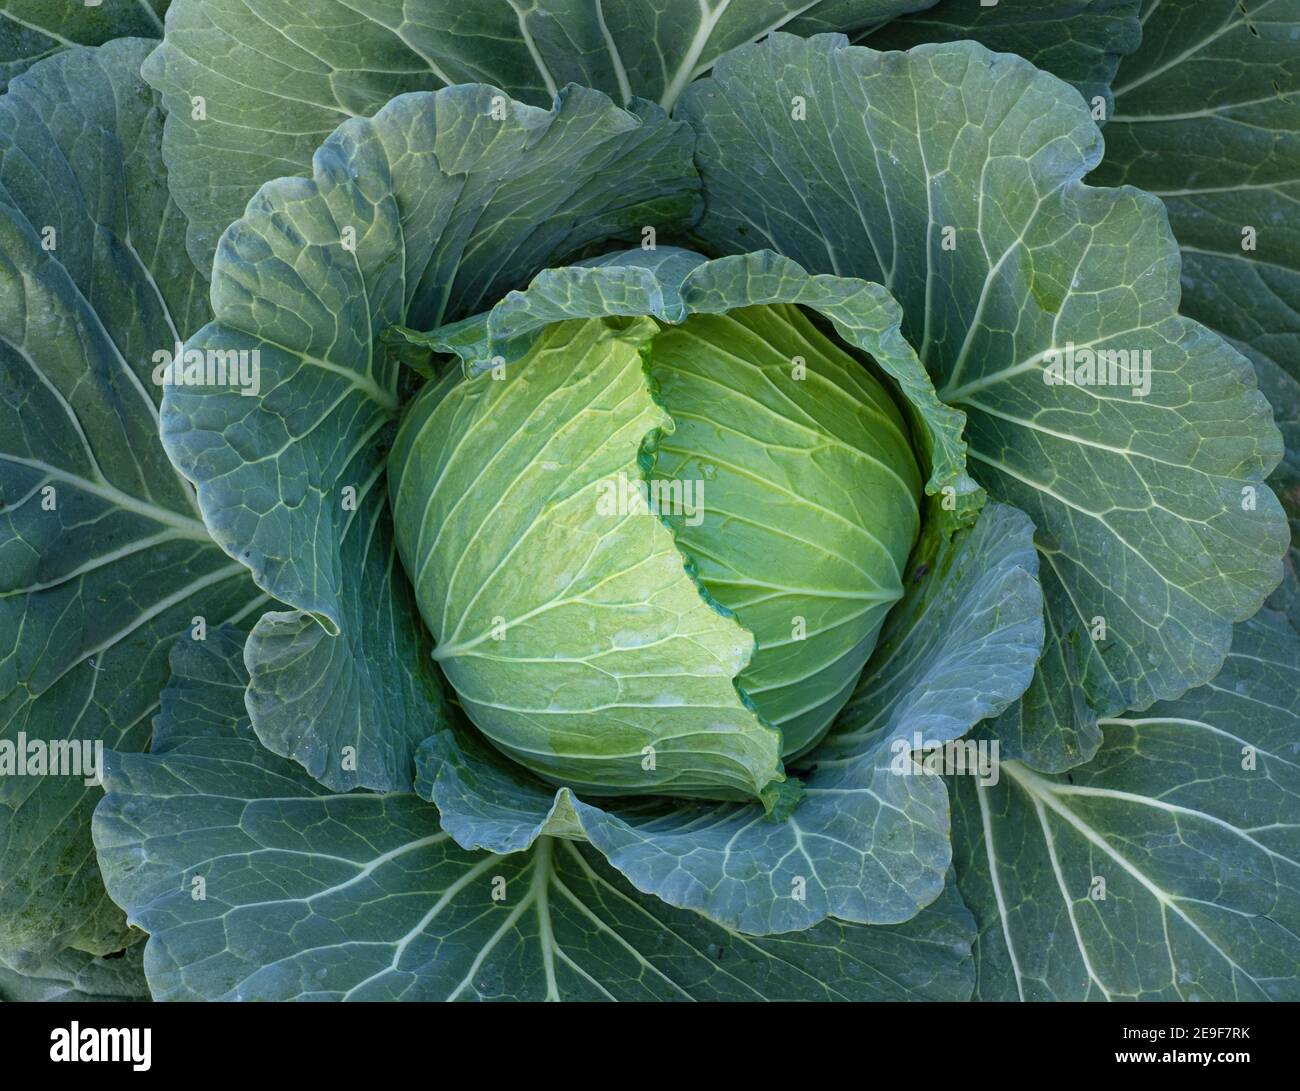 Cerca de repollo fresco verde que madura las cabezas que crecen en el campo de granja Foto de stock